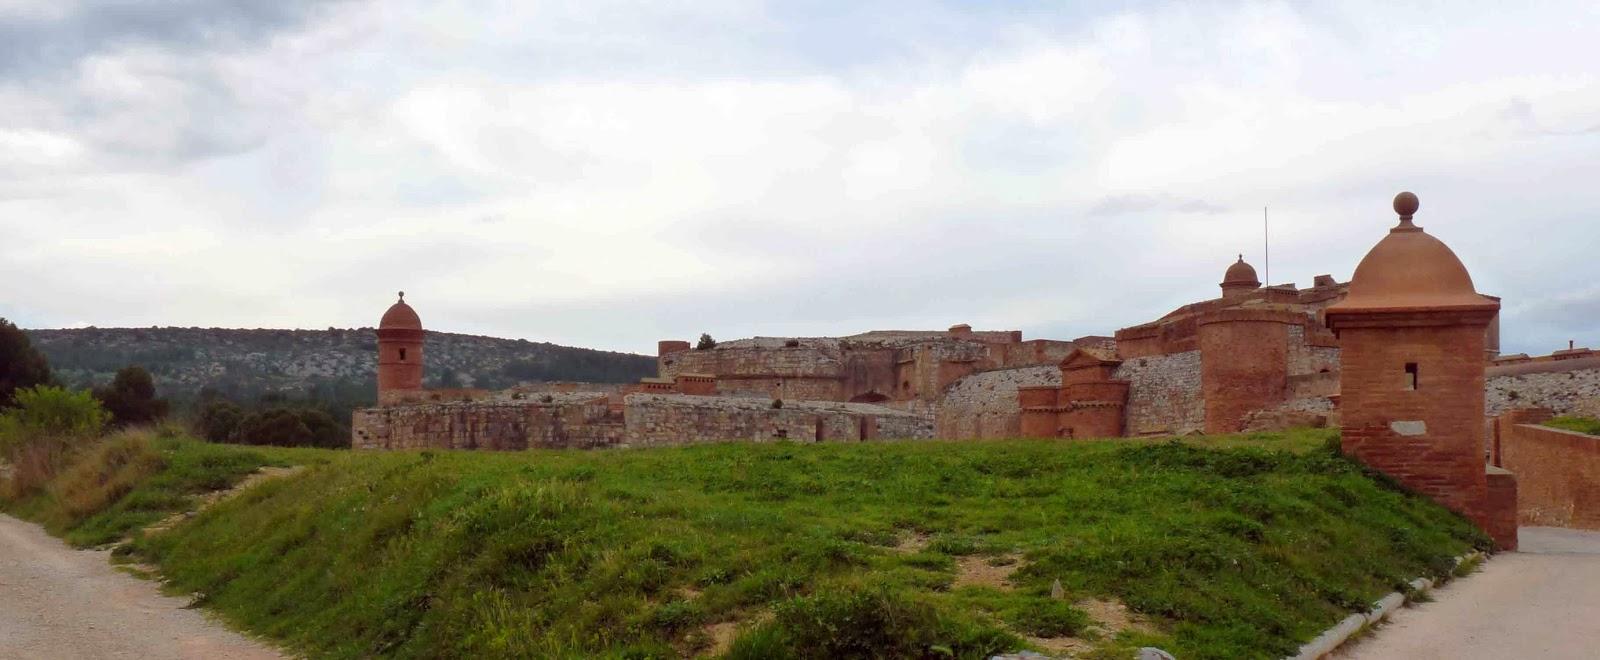 Vista exterior de la fortalesa